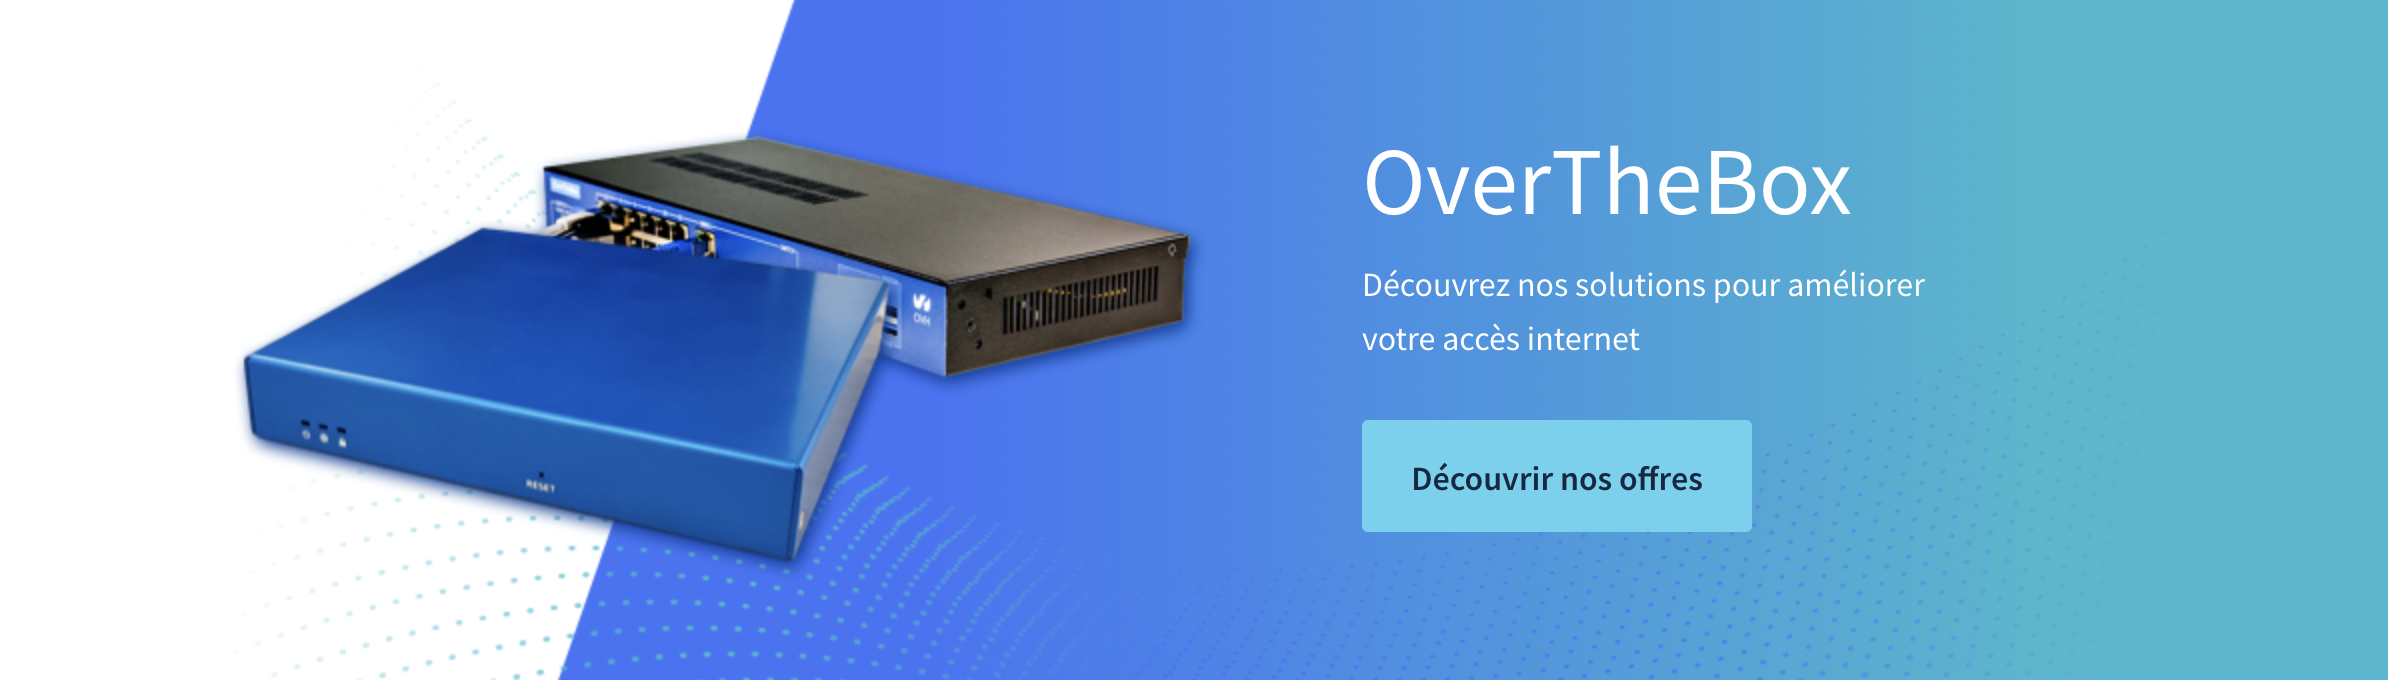 Accueil OVH Box